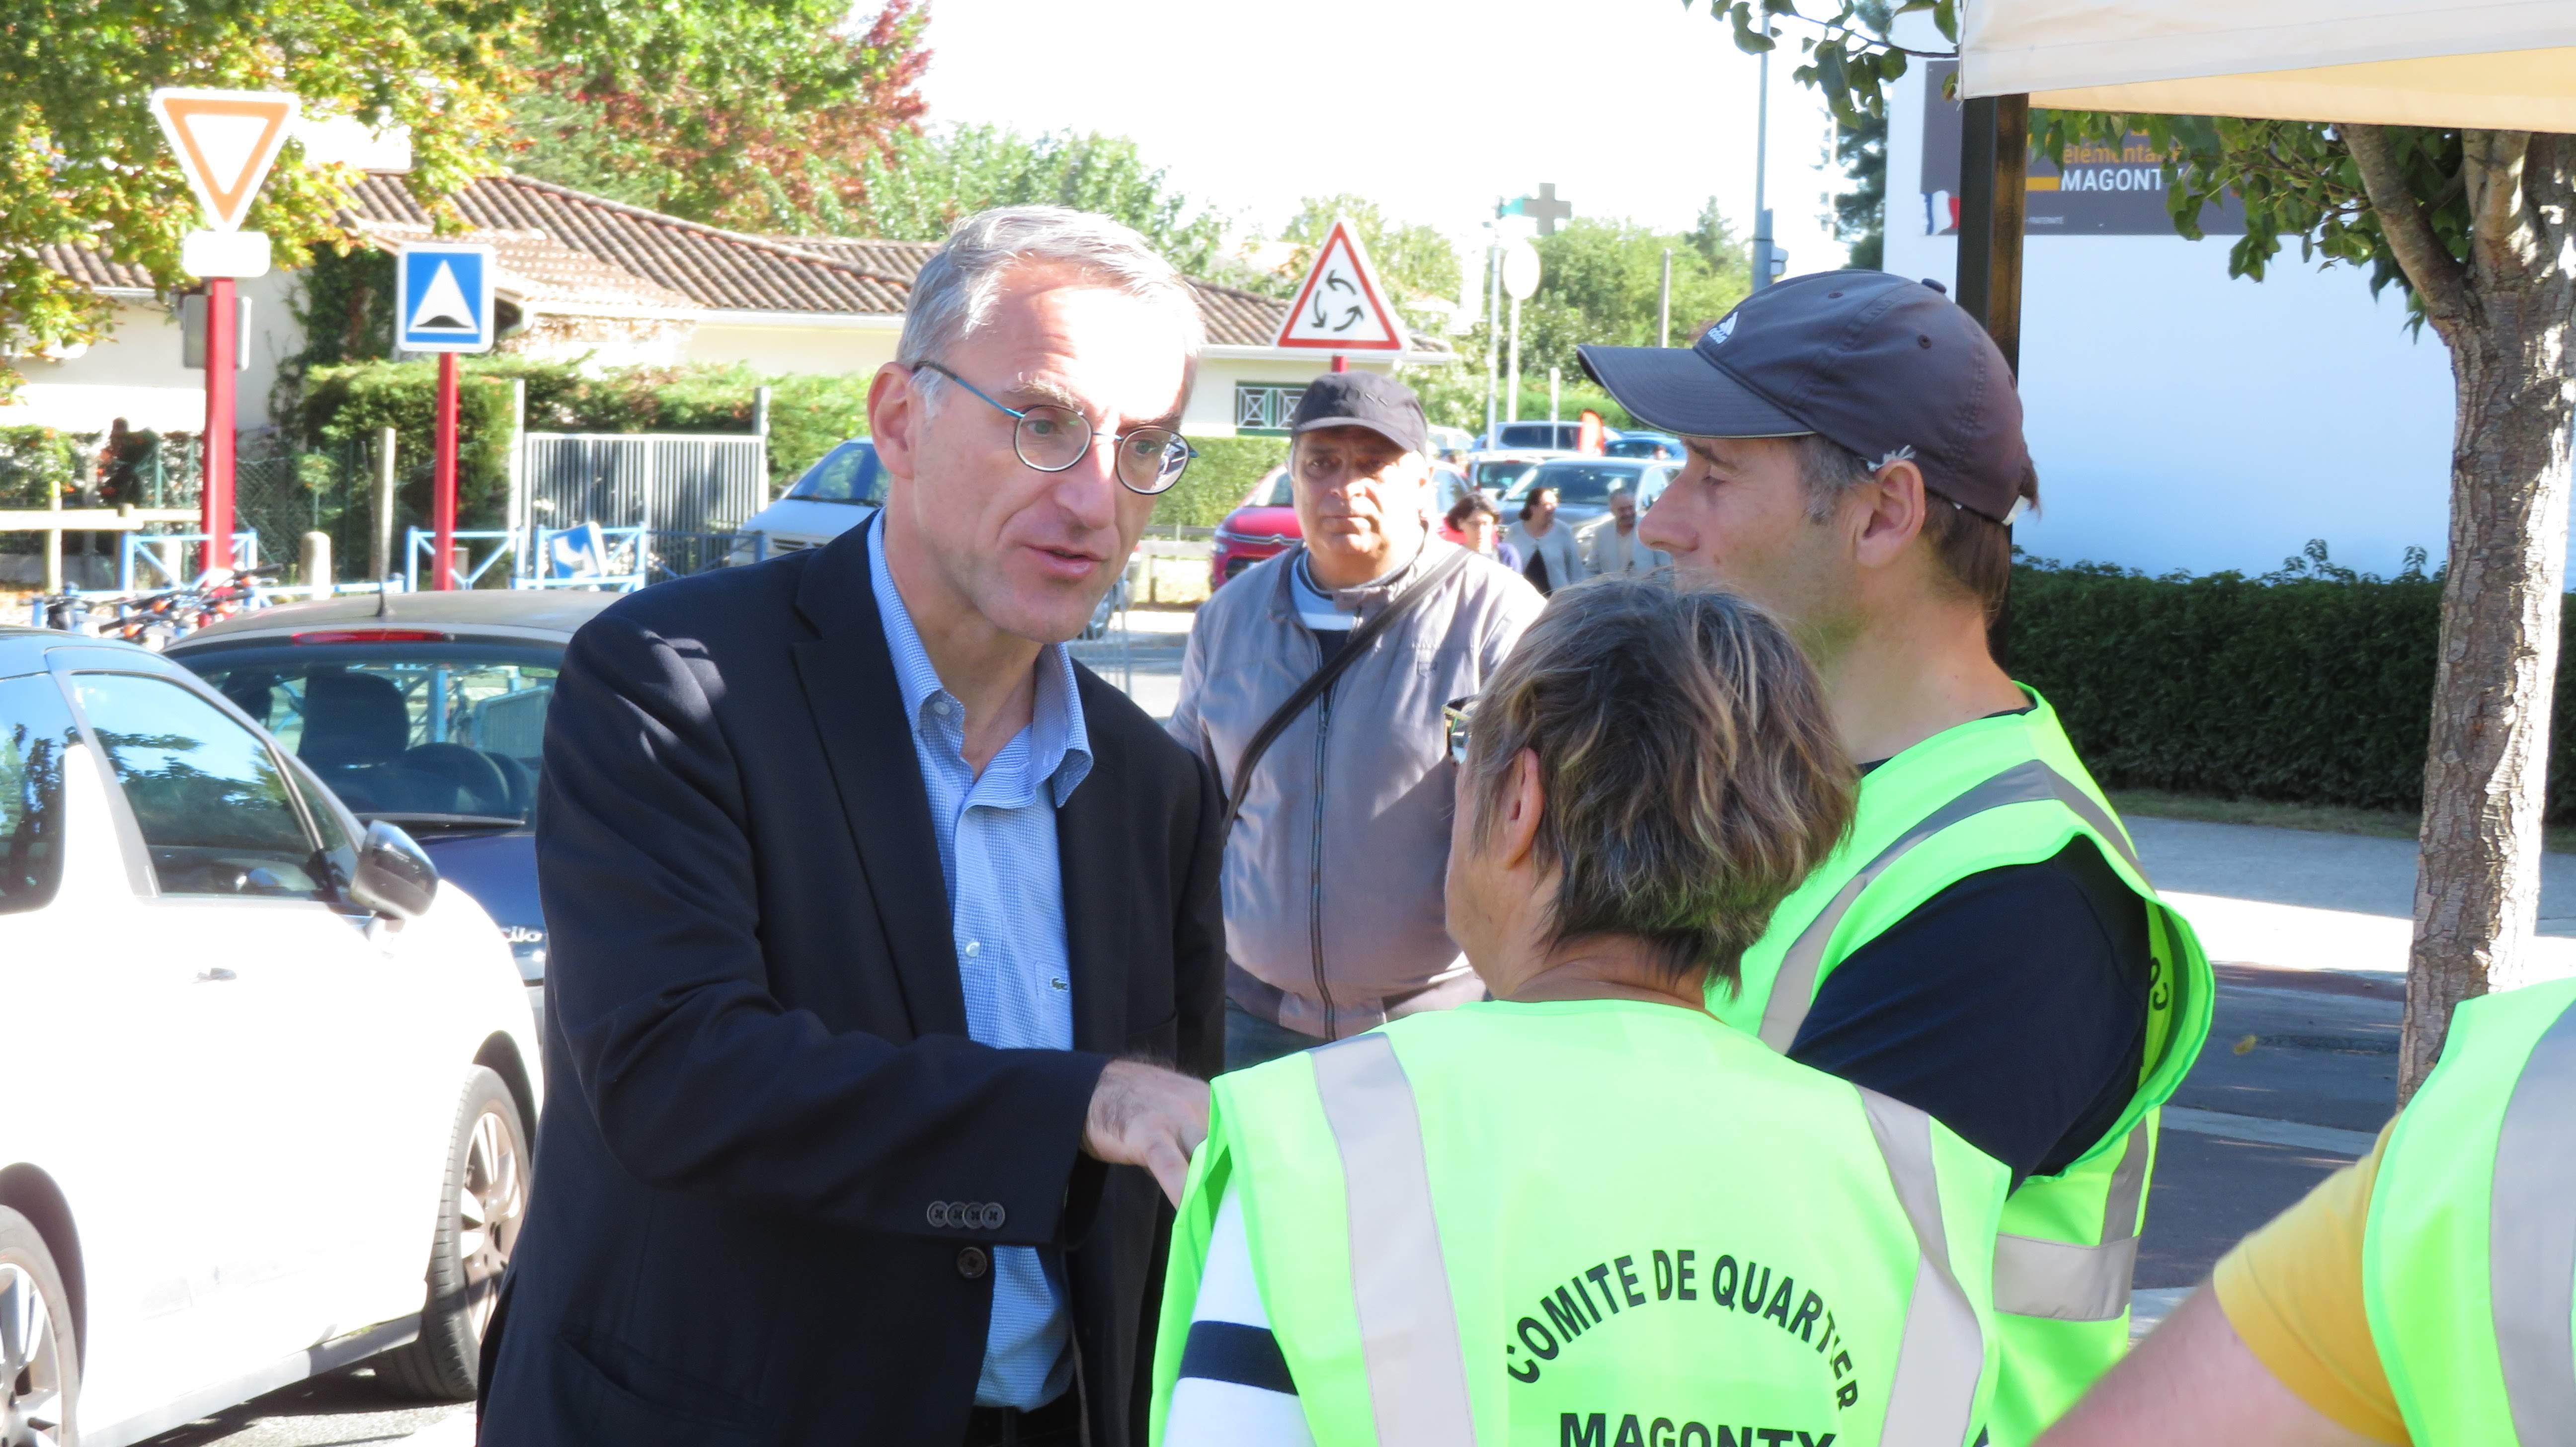 Notre maire, Franck Raynal parle avec notre présidente du comité, Marie-Perre Lafarge